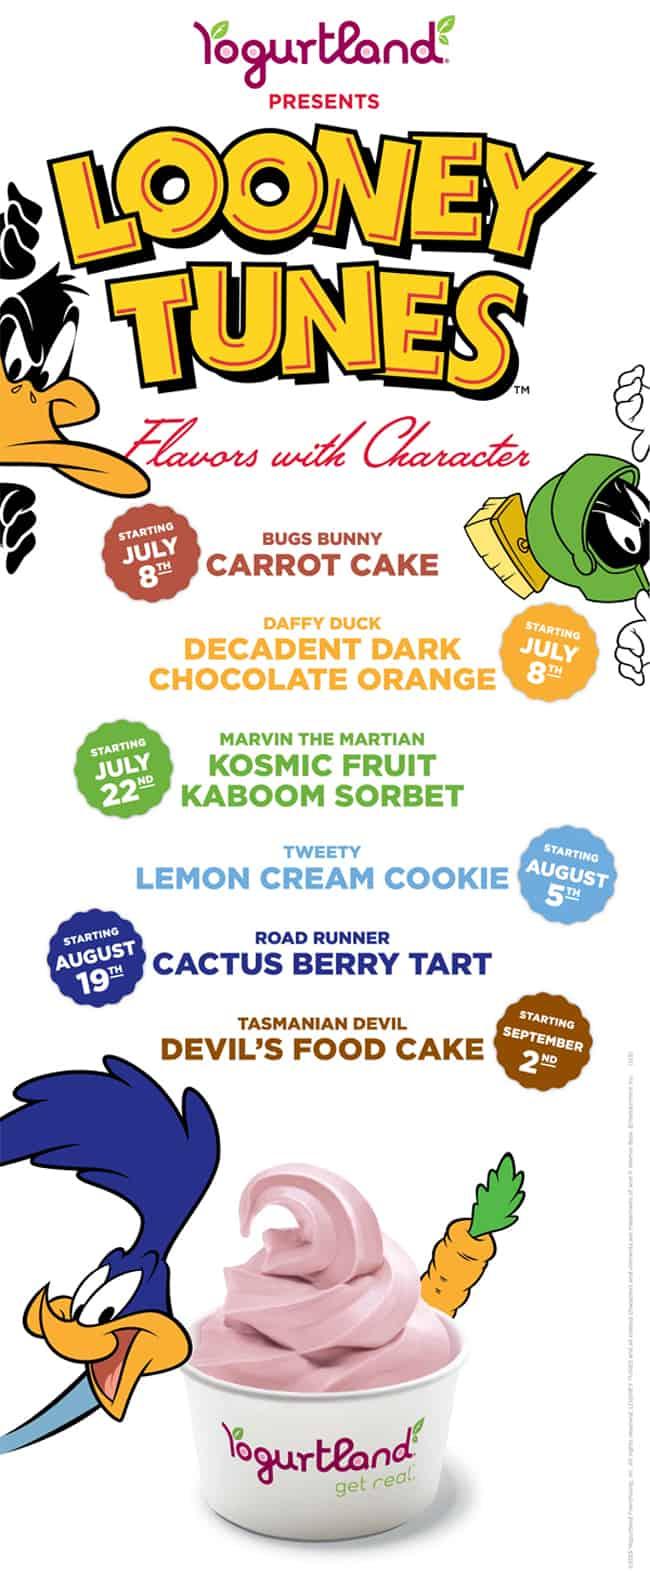 Looney Tunes Yogurtland Flavors